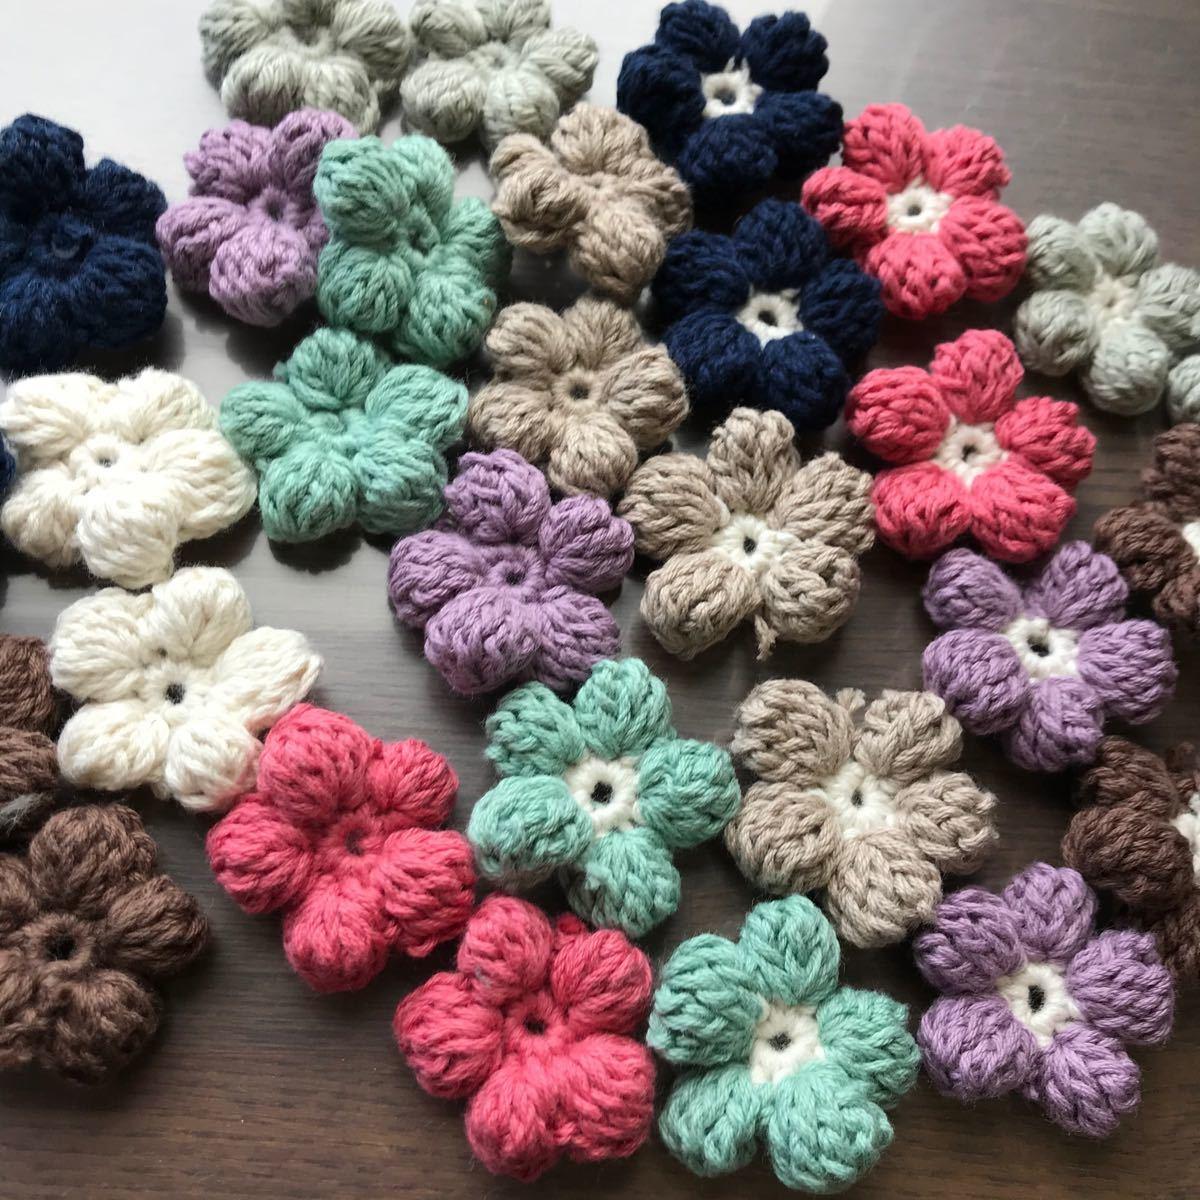 ニット花モチーフ かぎ針編み コットン100% 30枚